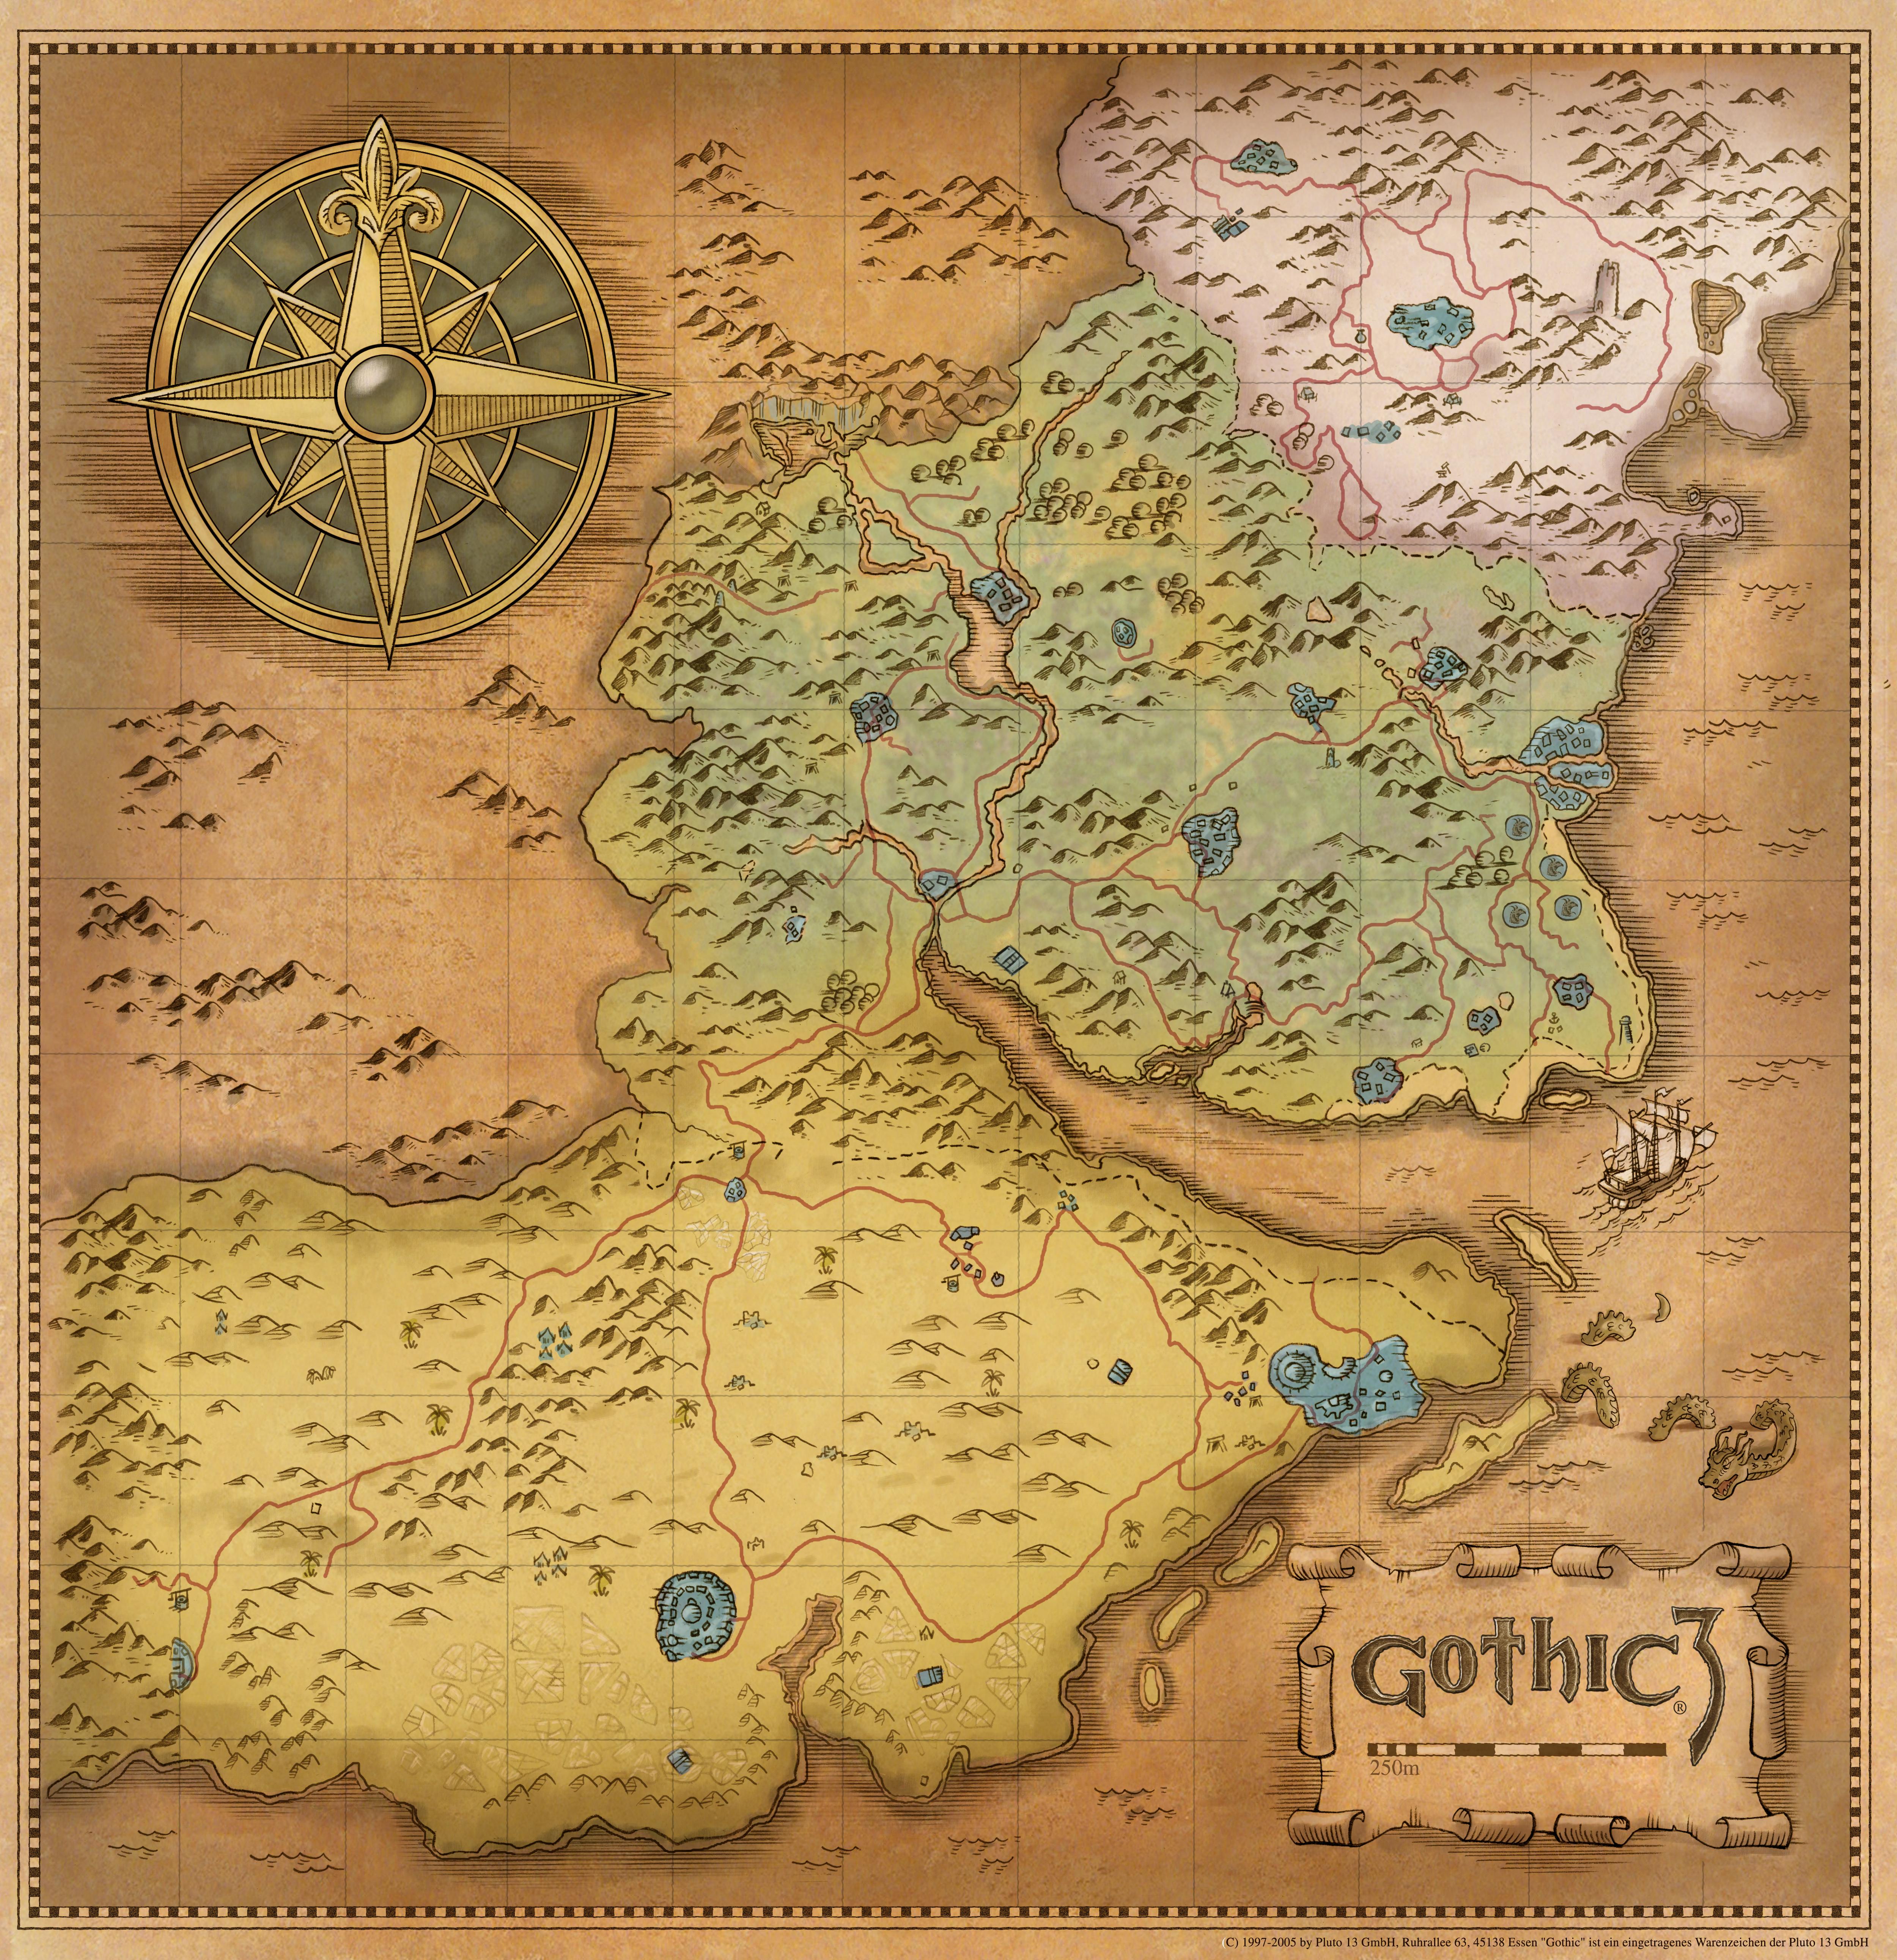 Oblivion Karte.Größe Der Welt Von Gothic 3